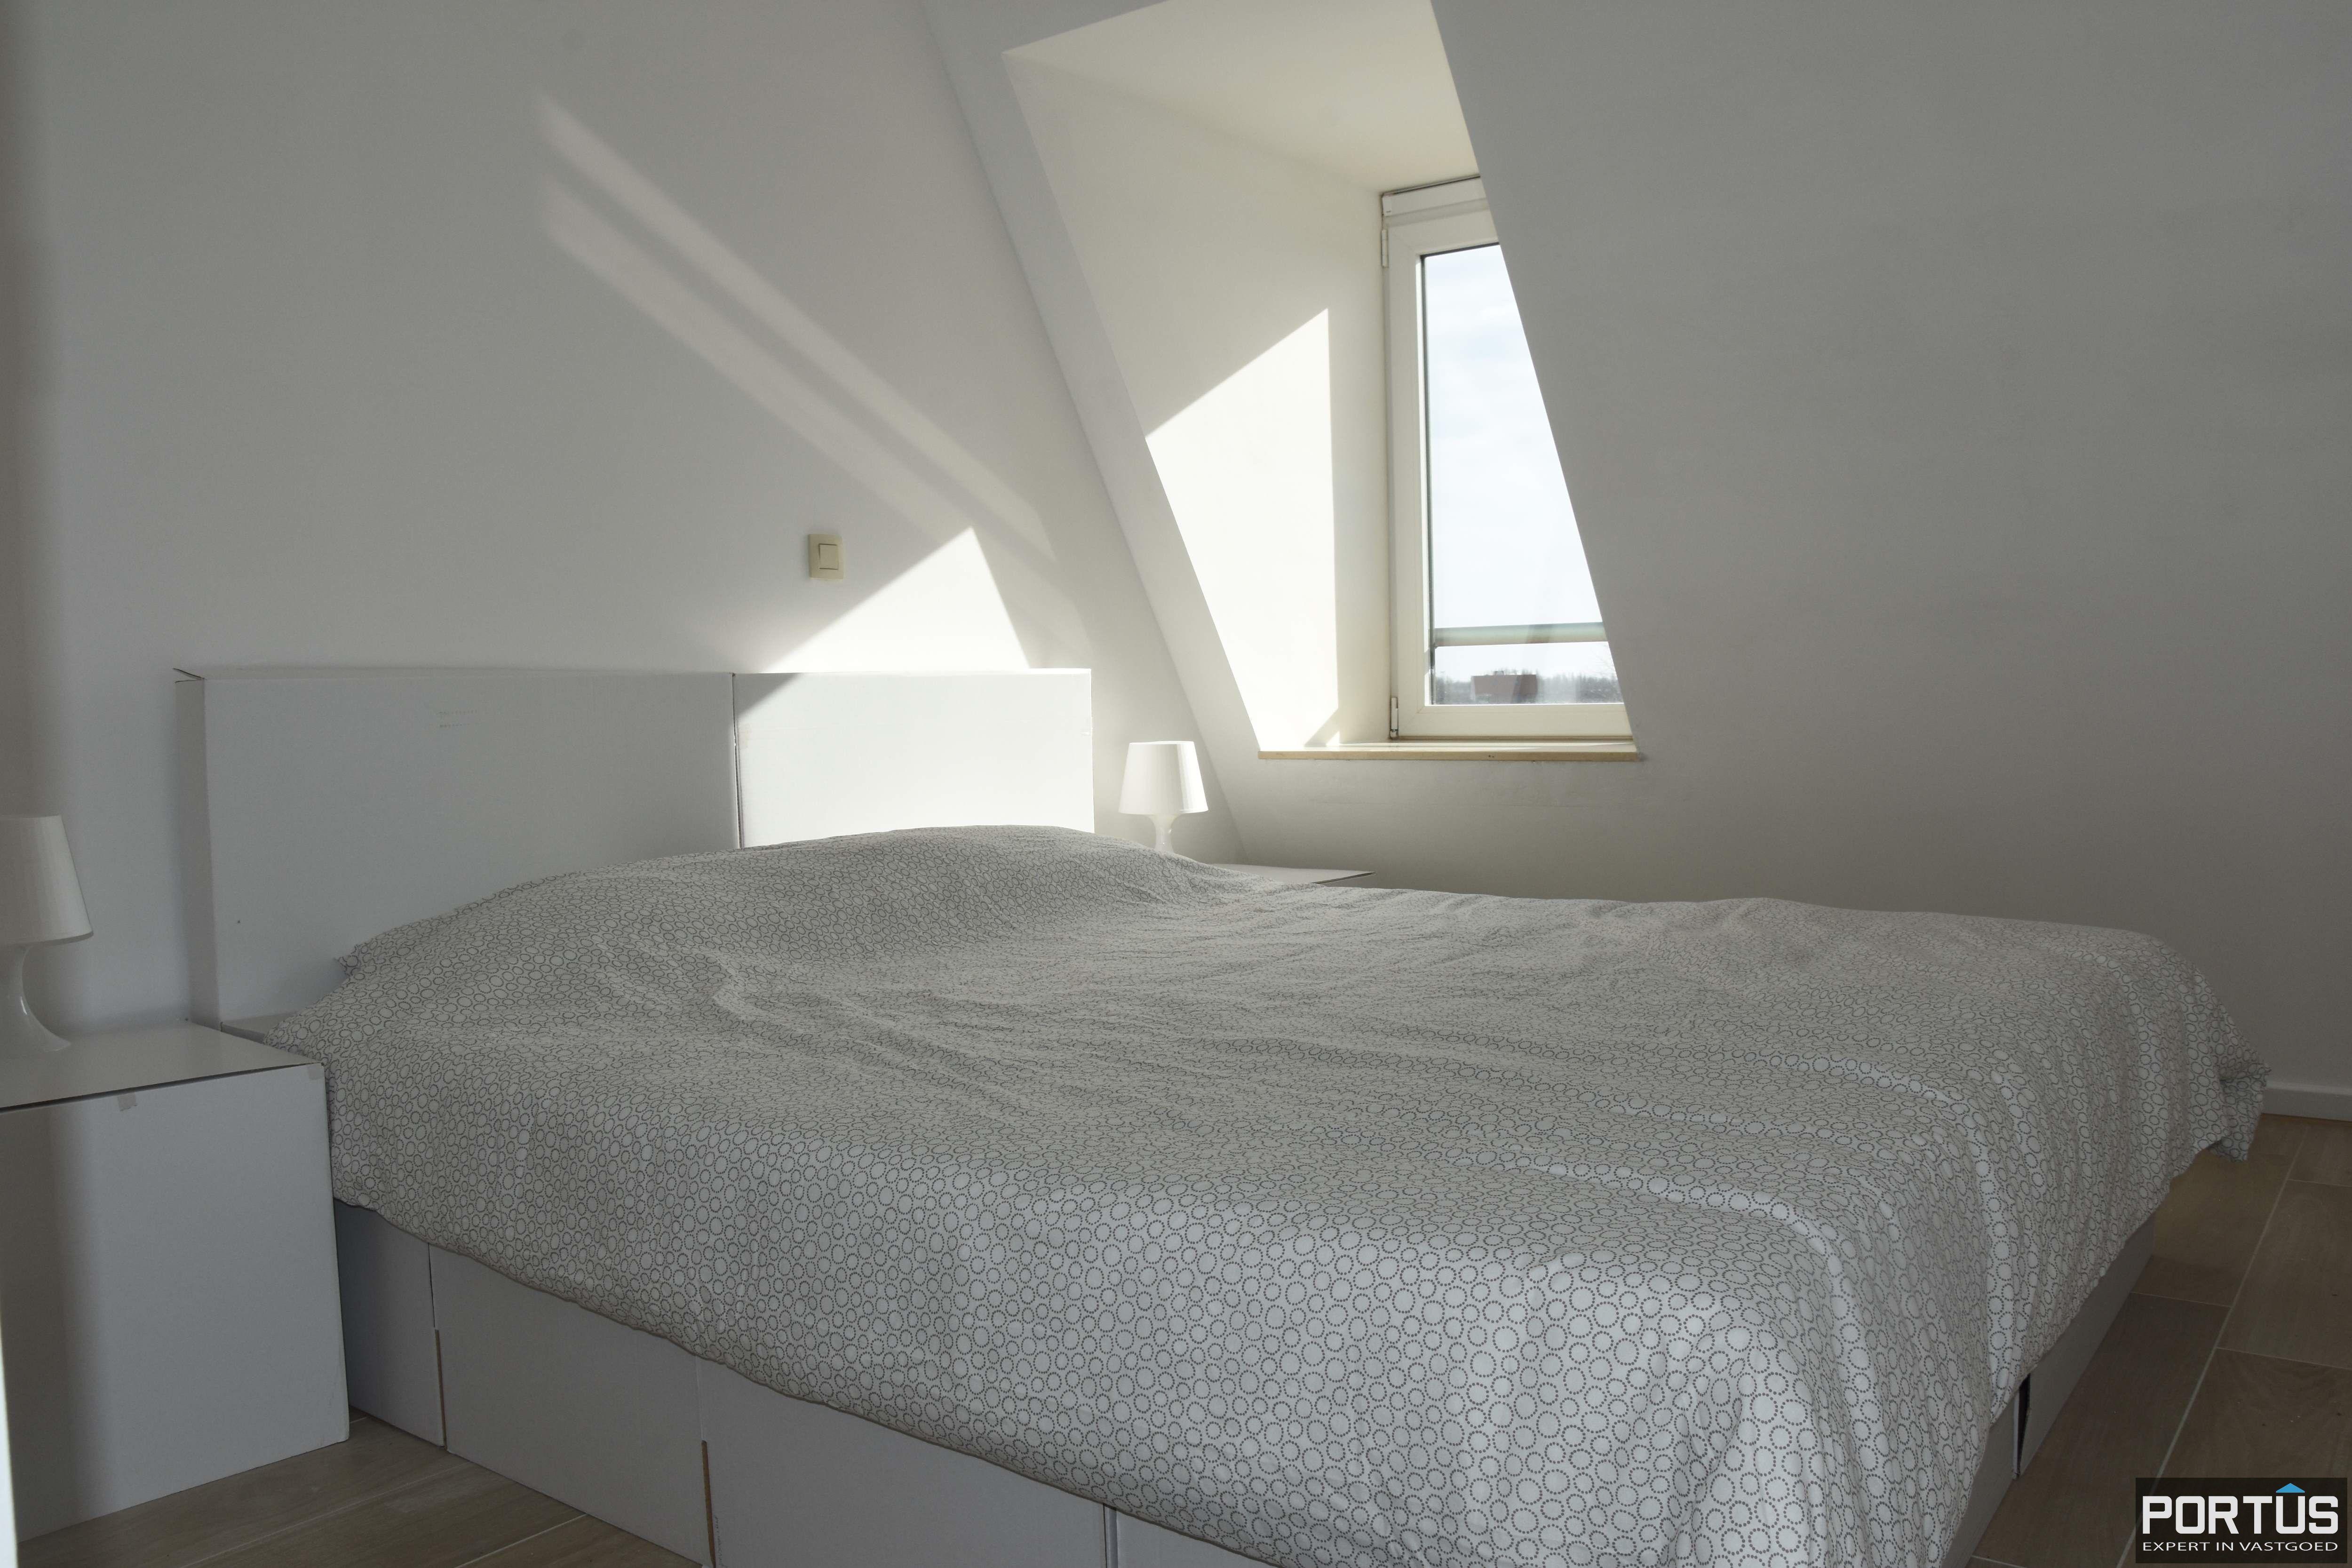 Appartement met 2 slaapkamers te koop te Nieuwpoort - 12302